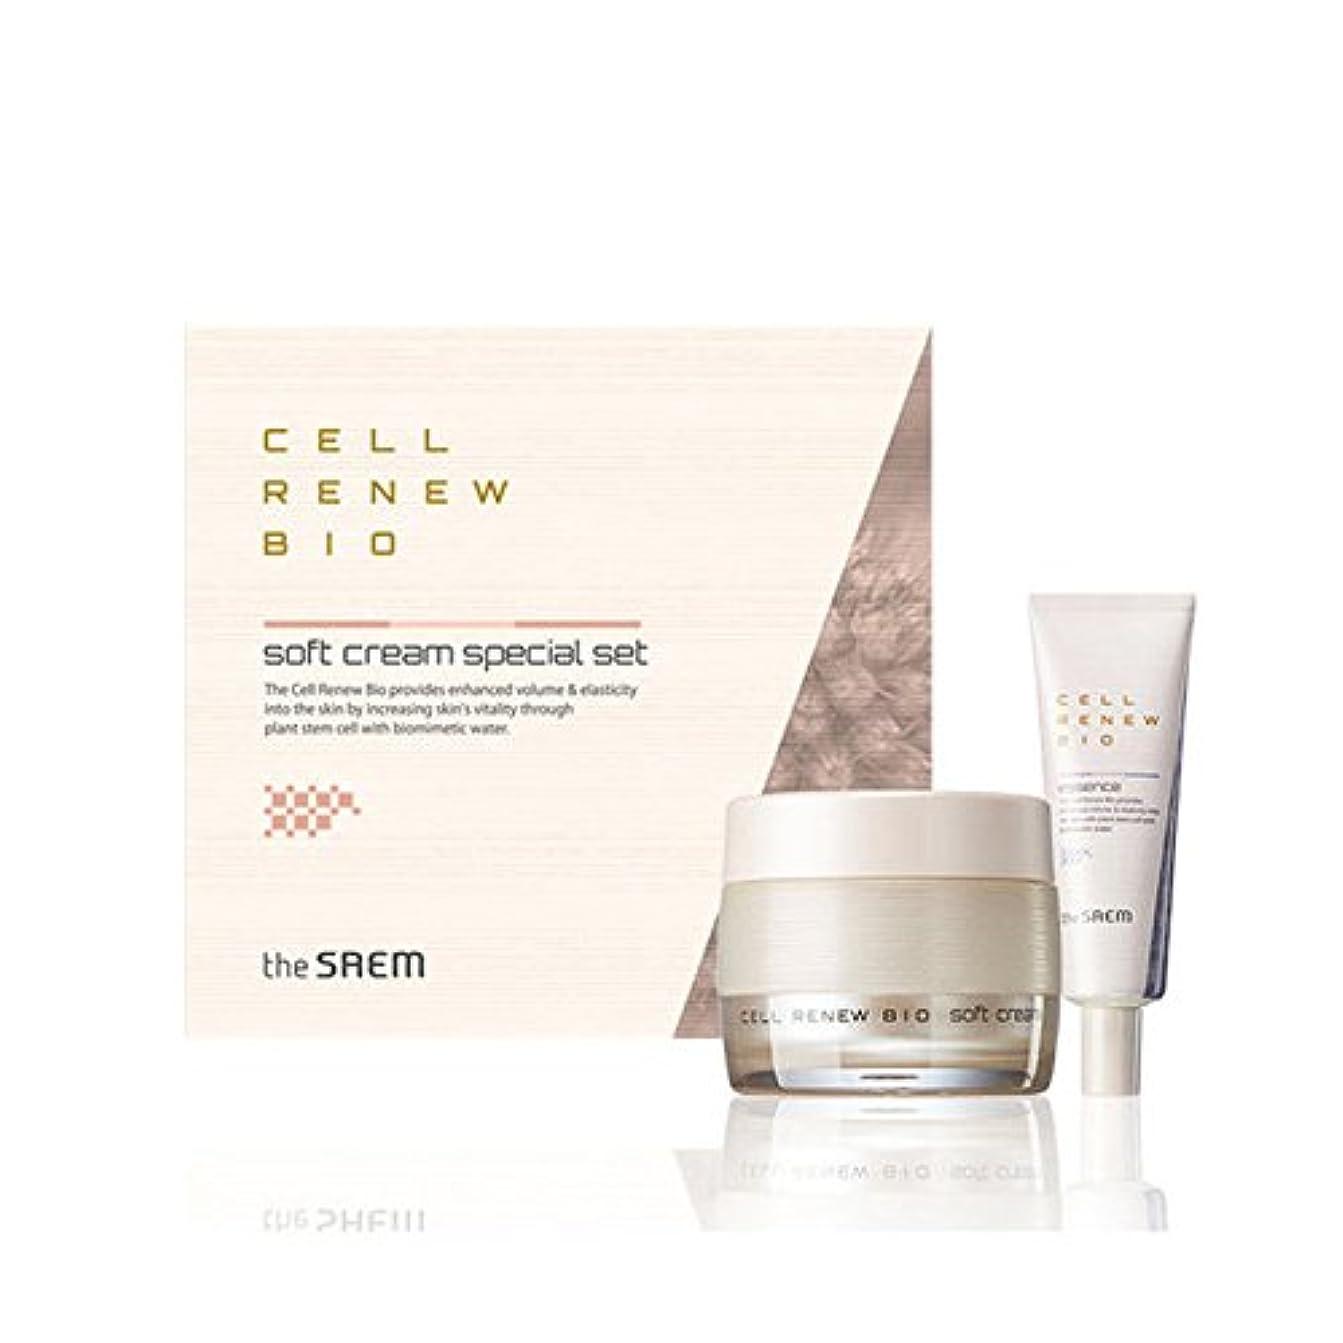 ファンブル熱心灌漑[ザセム] The Saem セルリニュー バイオ クリーム スペシャルセット Cell Renew Bio Cream Special Set (海外直送品) [並行輸入品]